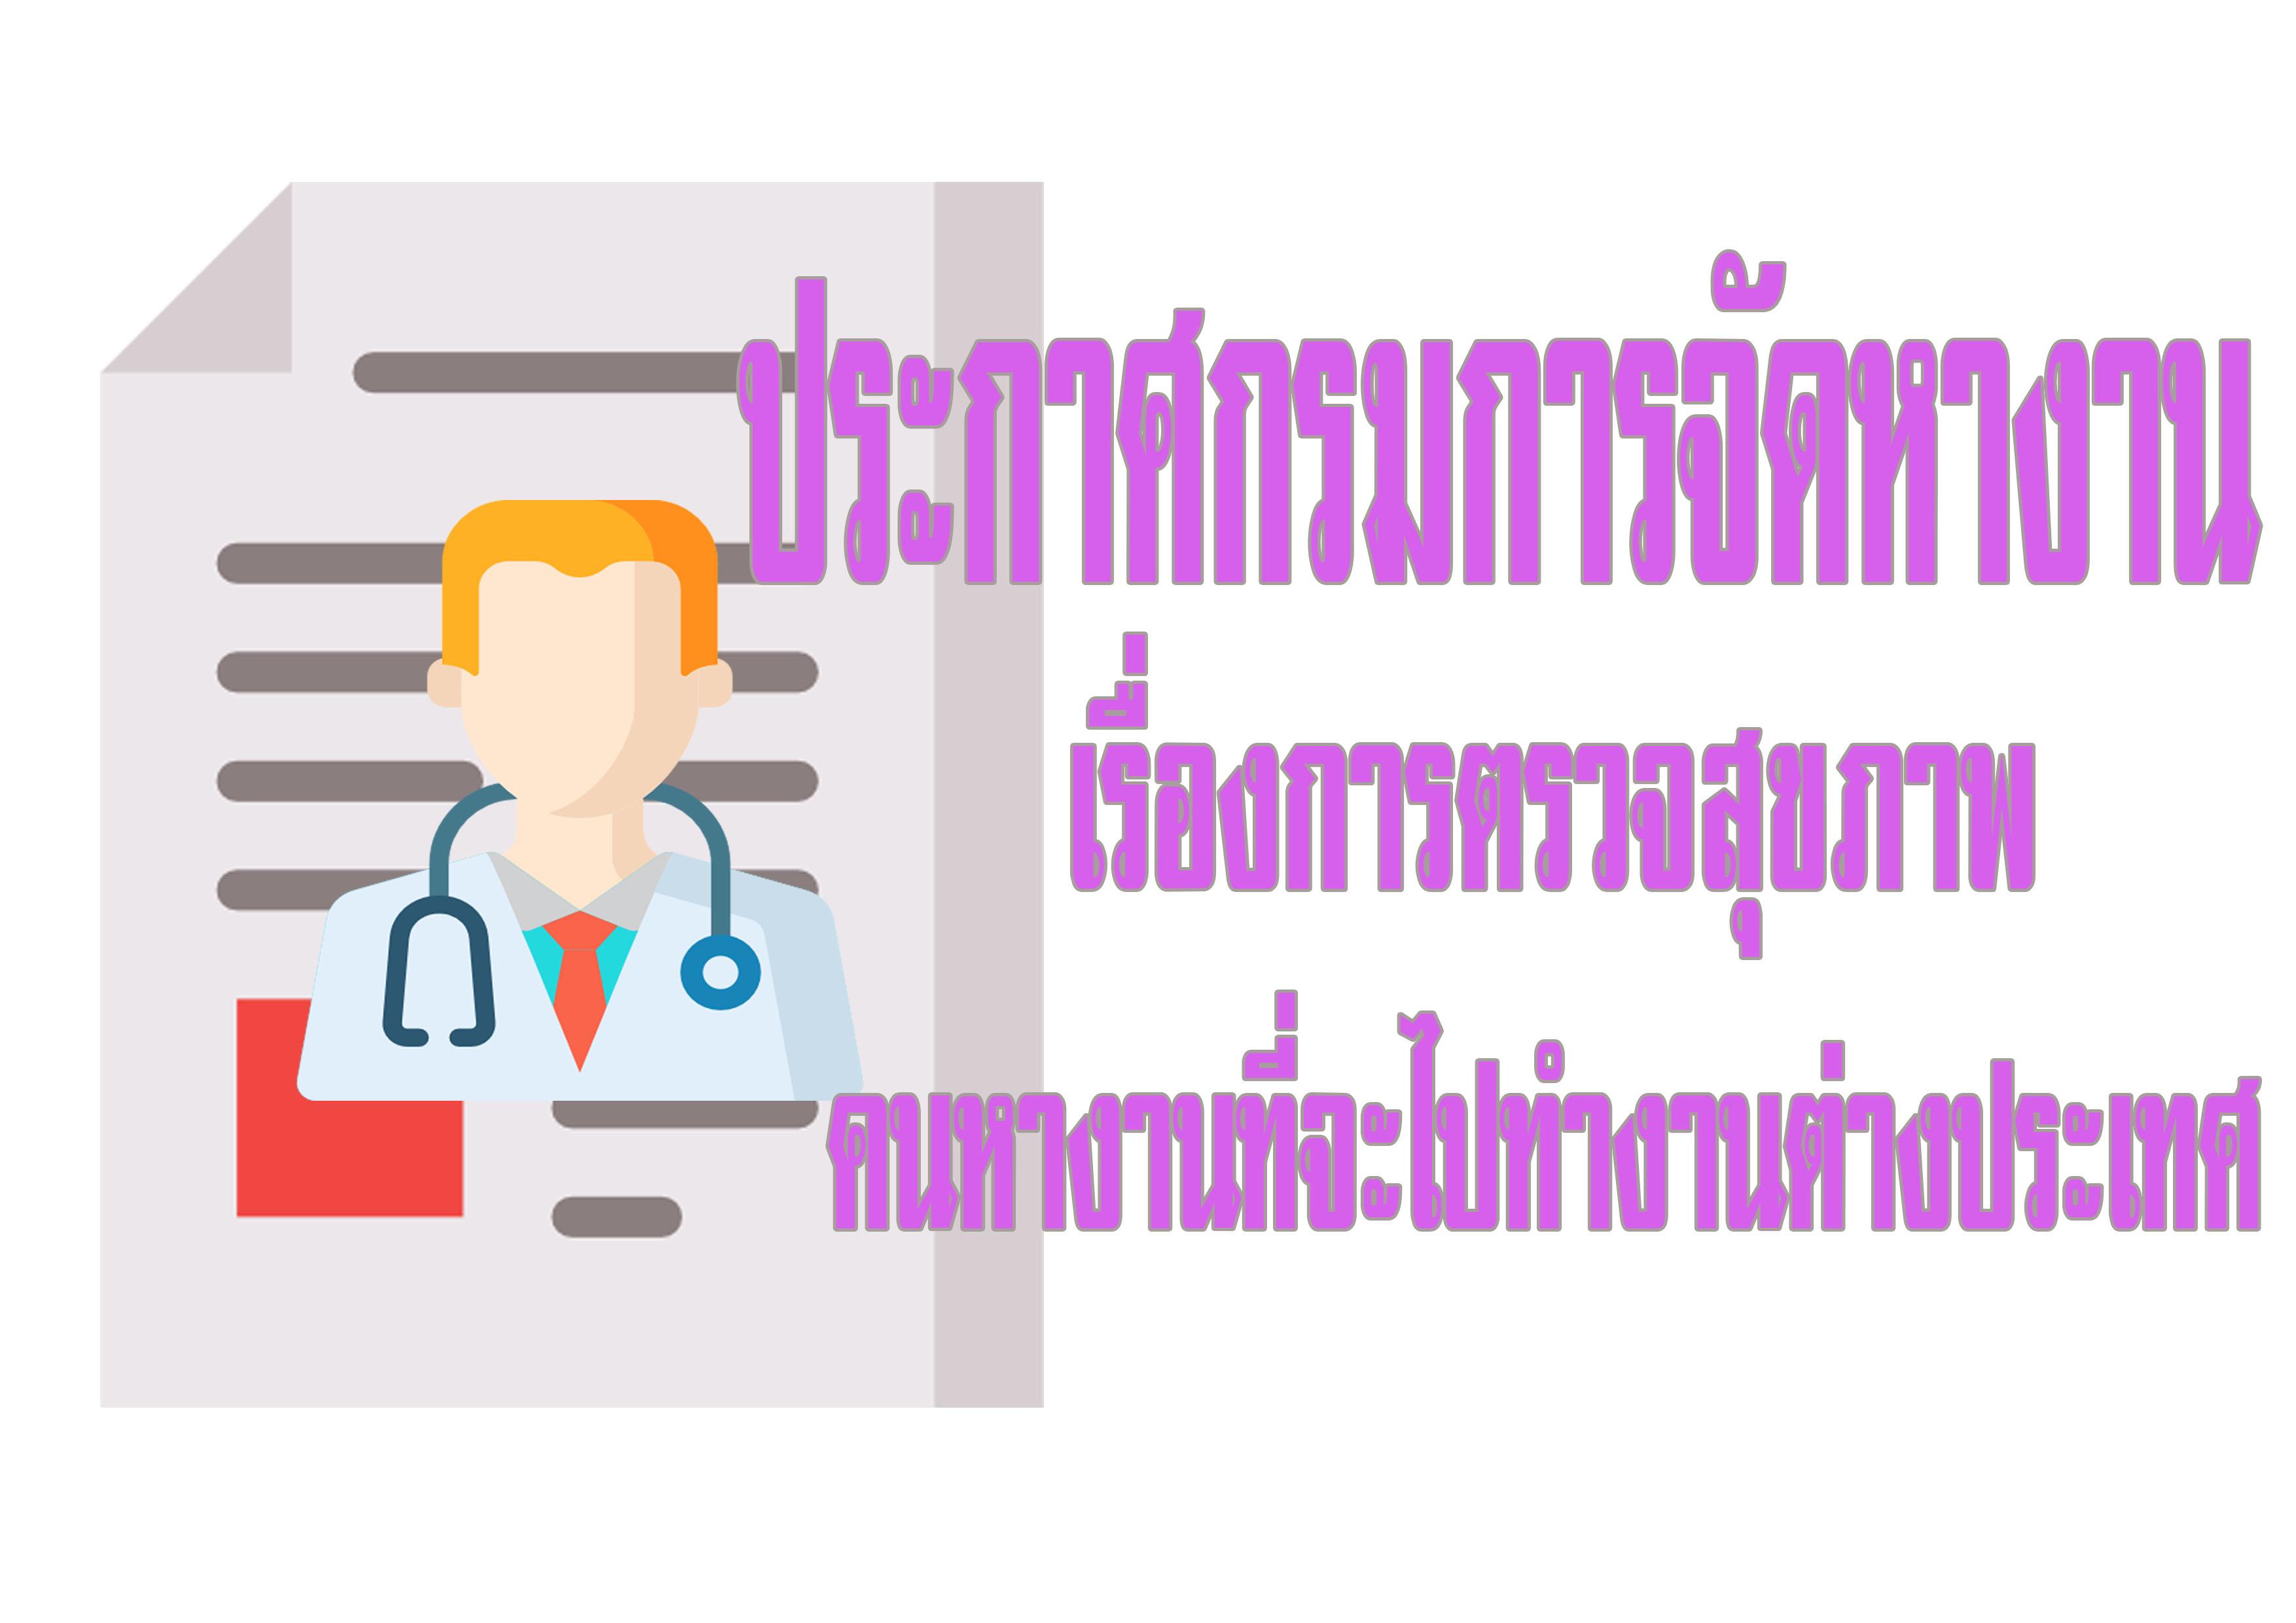 ประกาศกรมการจัดหางาน เรื่อง การตรวจสุขภาพคนหางานที่จะไปทำงานต่างประเทศ